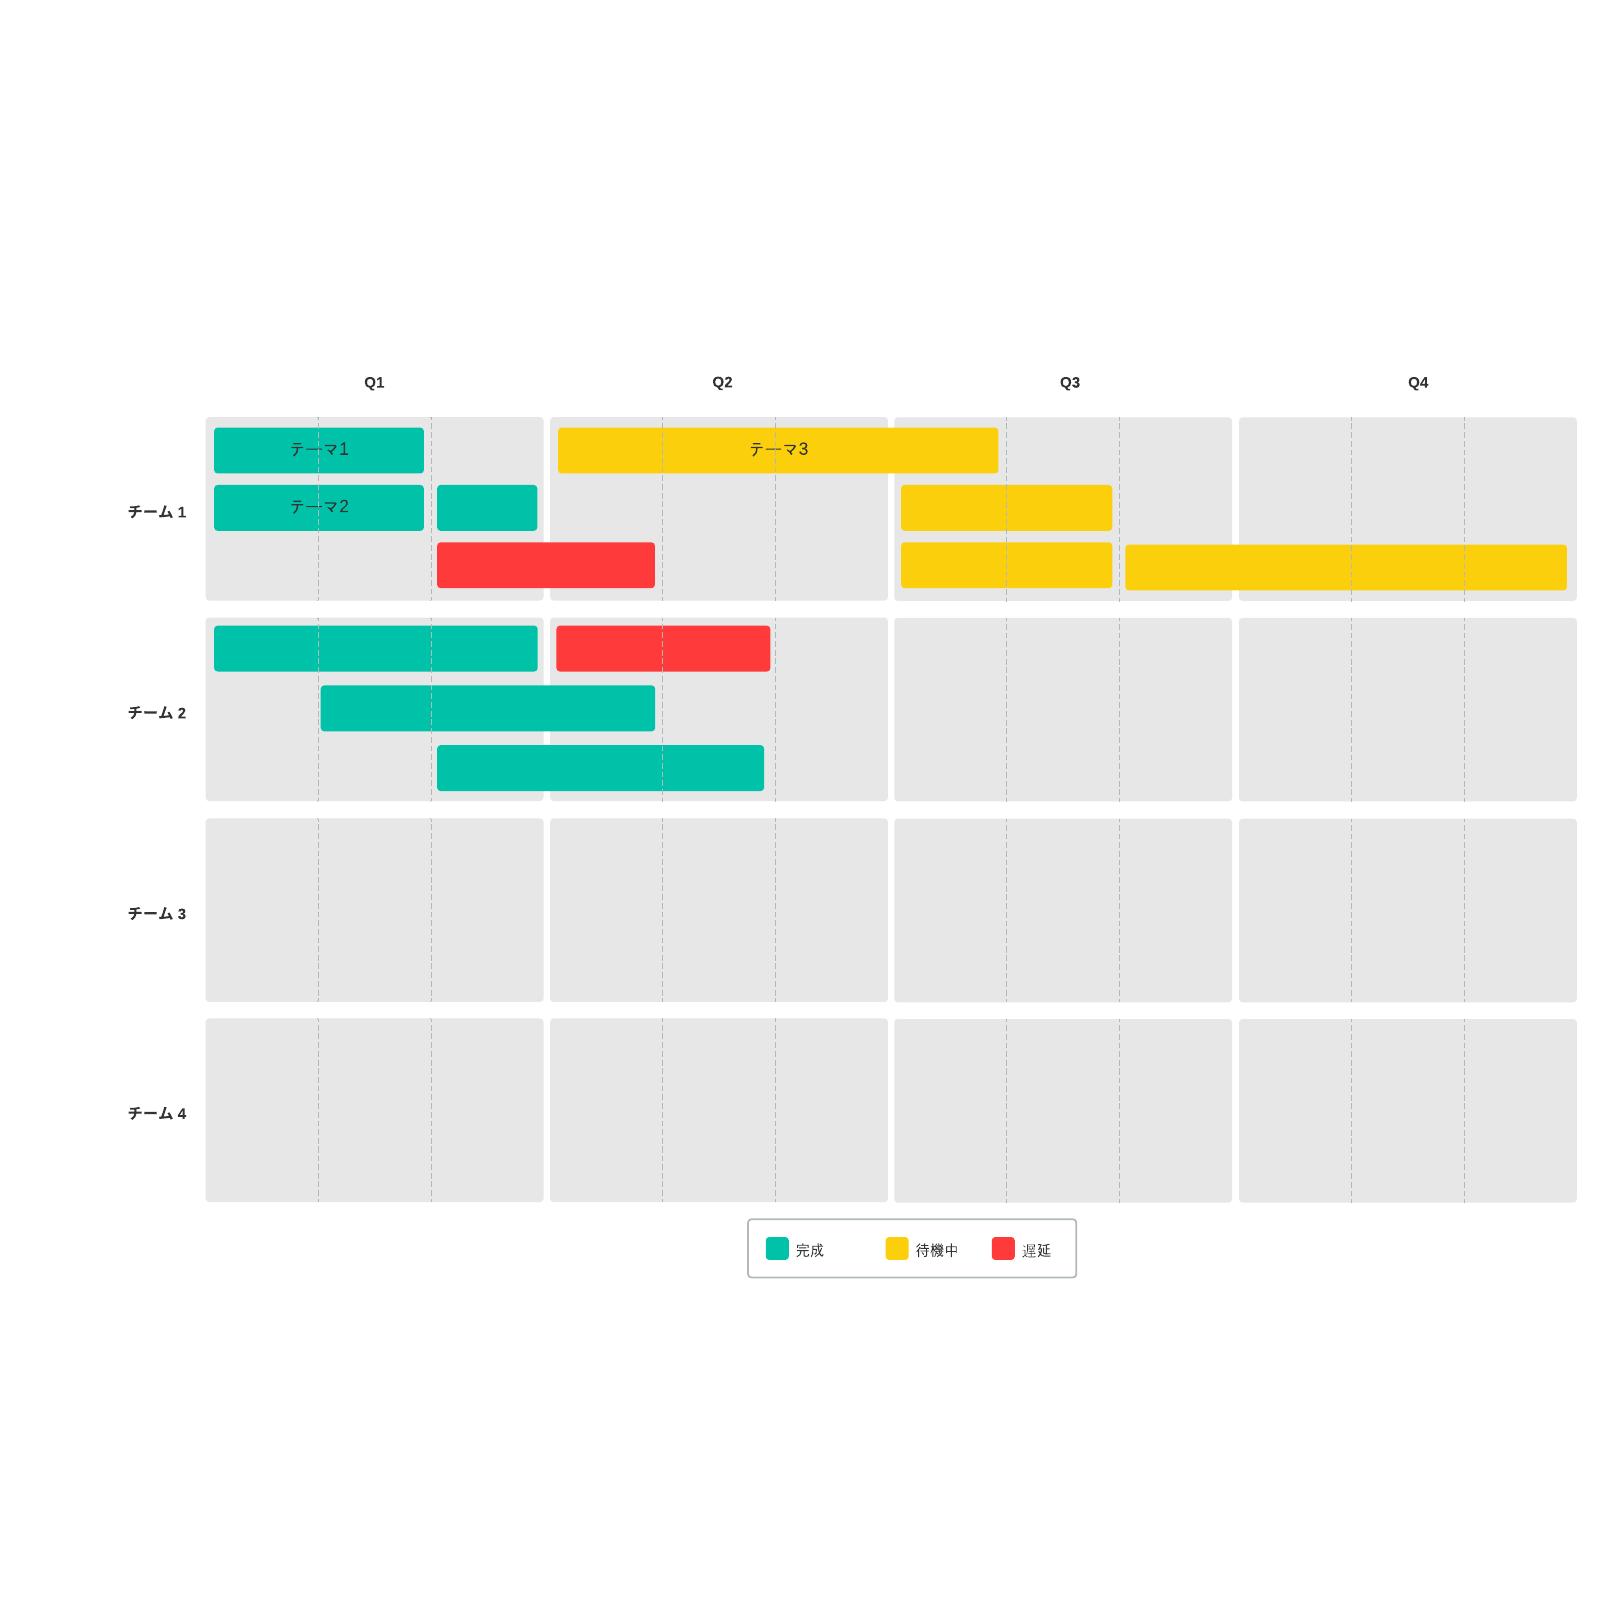 製品ロードマップテンプレート